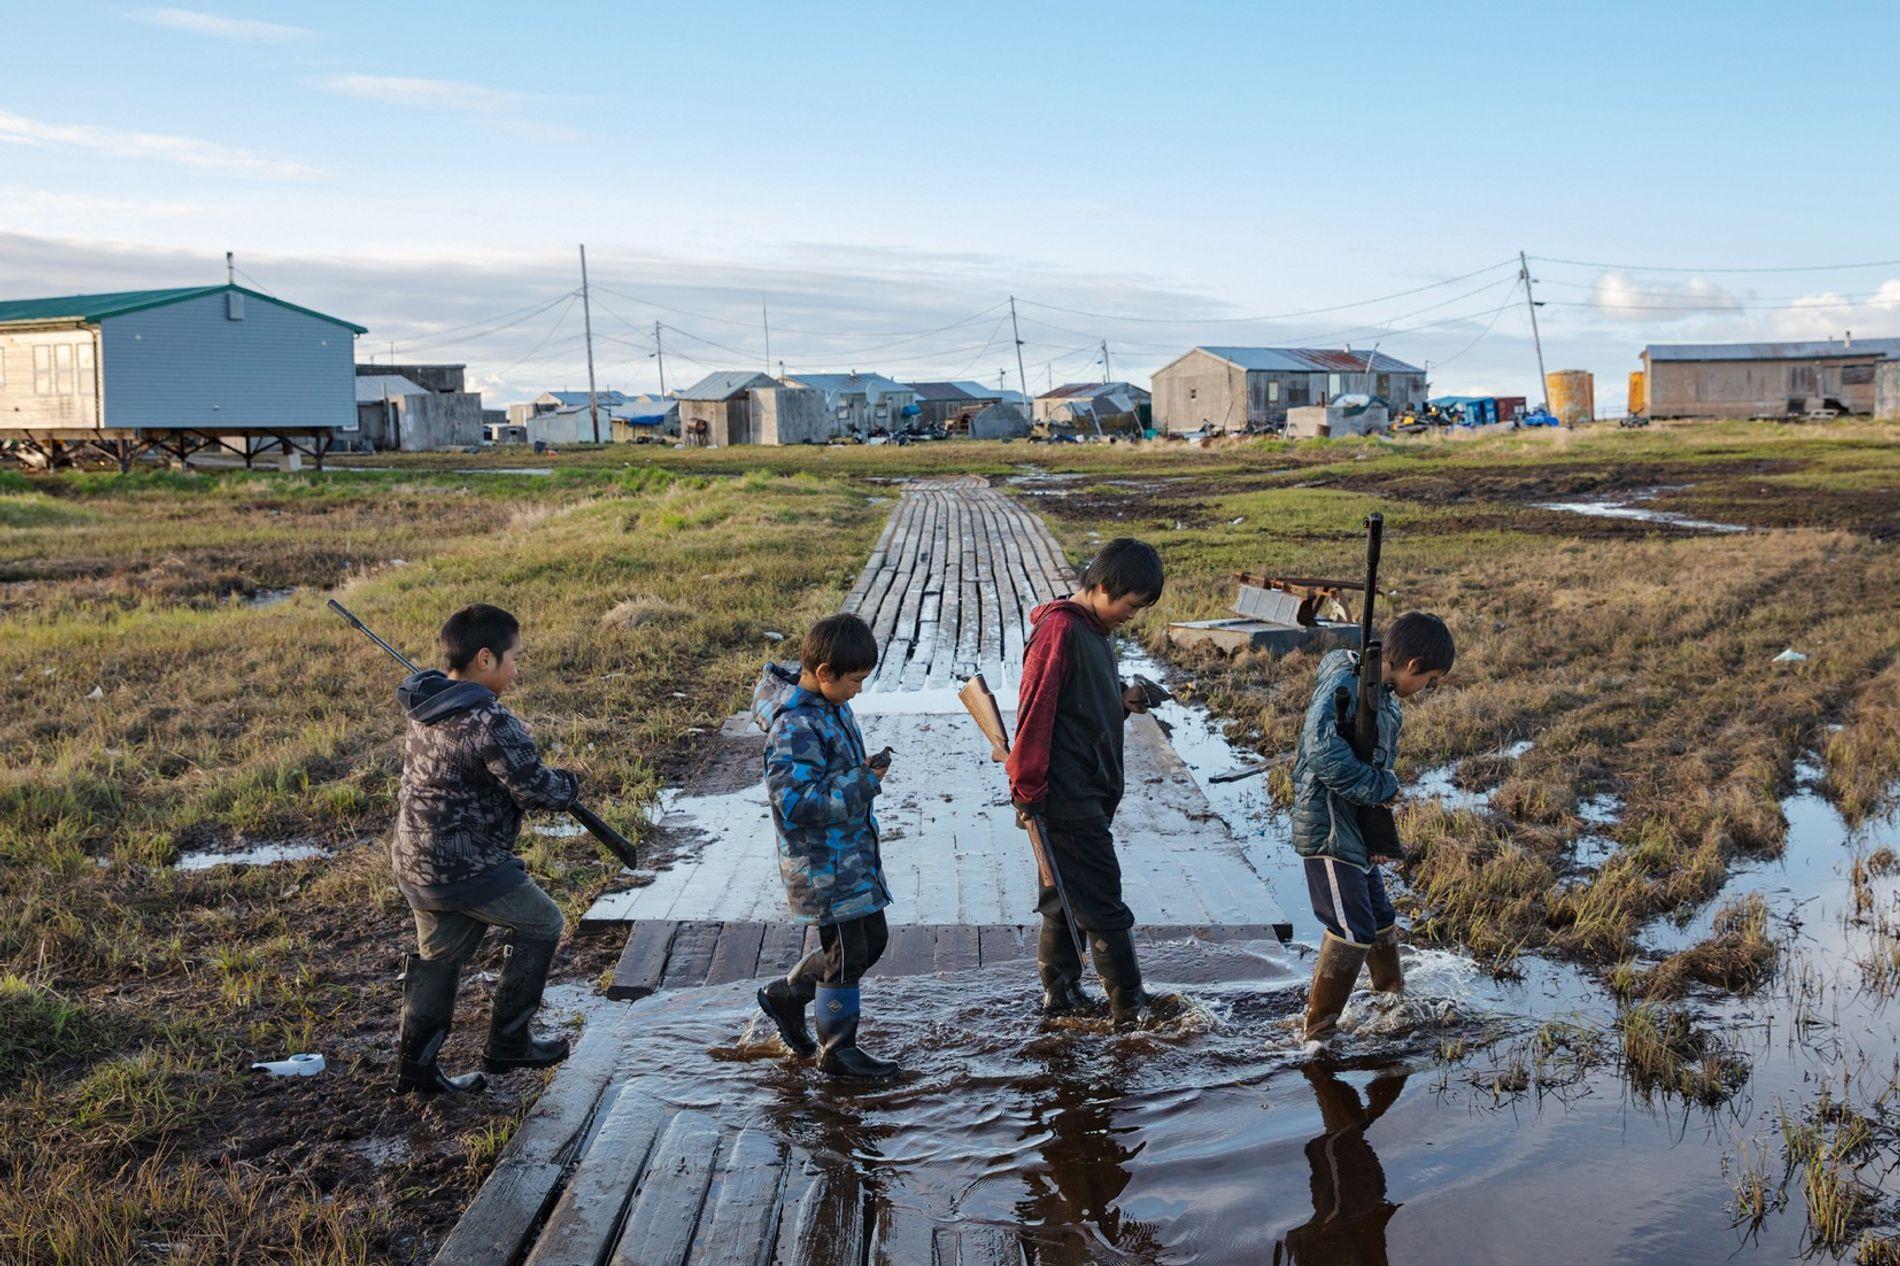 A aldeia de Newtok, no Alasca, com 380 habitantes, está a afundar-se devido ao degelo do ...